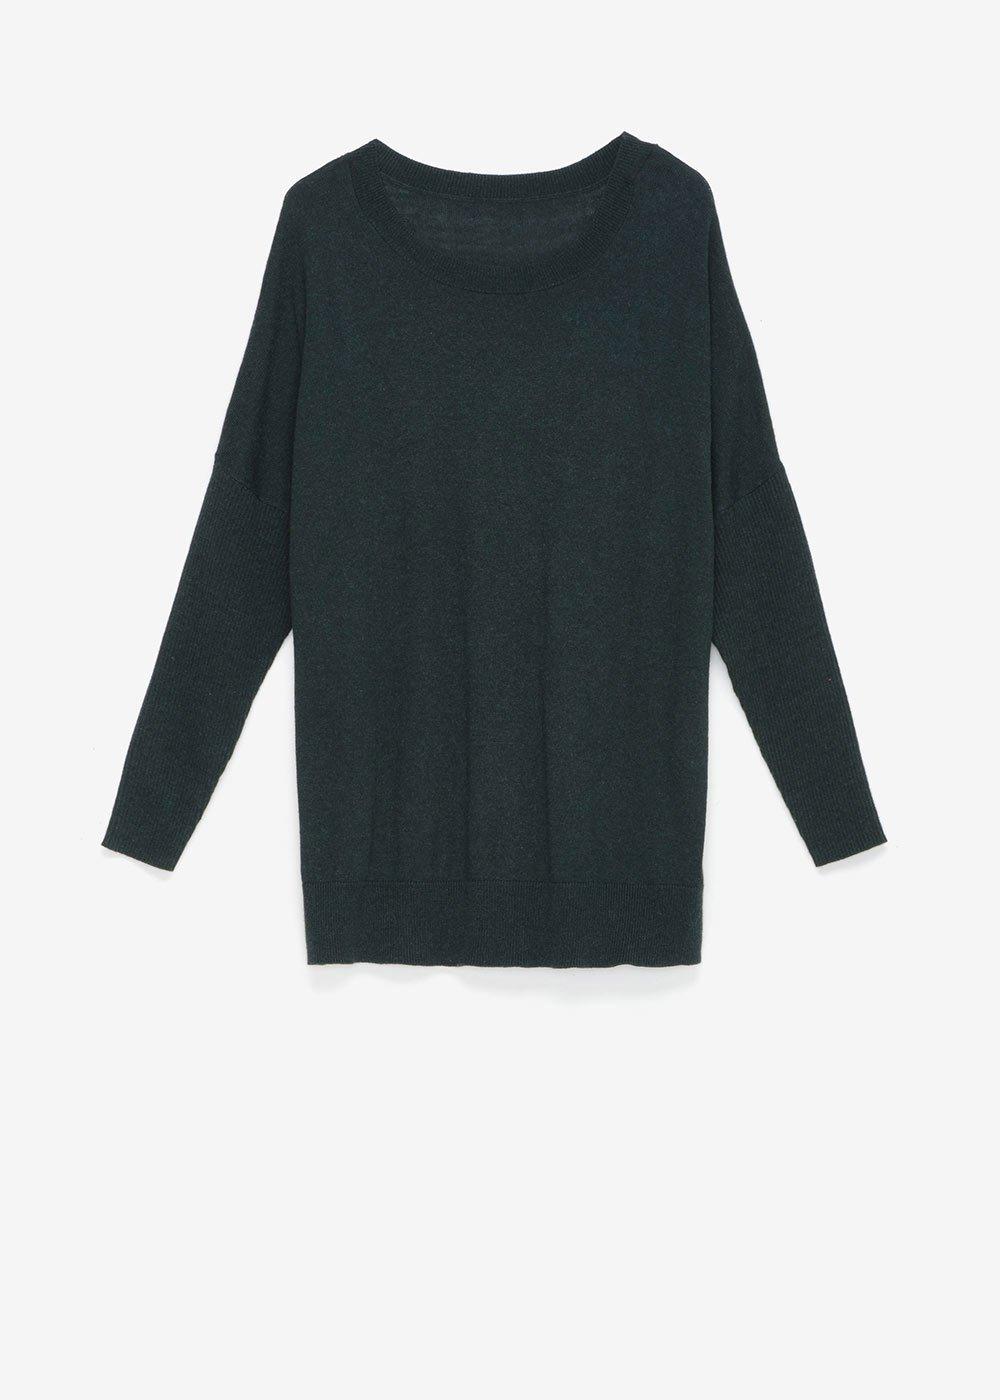 Marlen sweater with boat neckline - Muschio - Woman